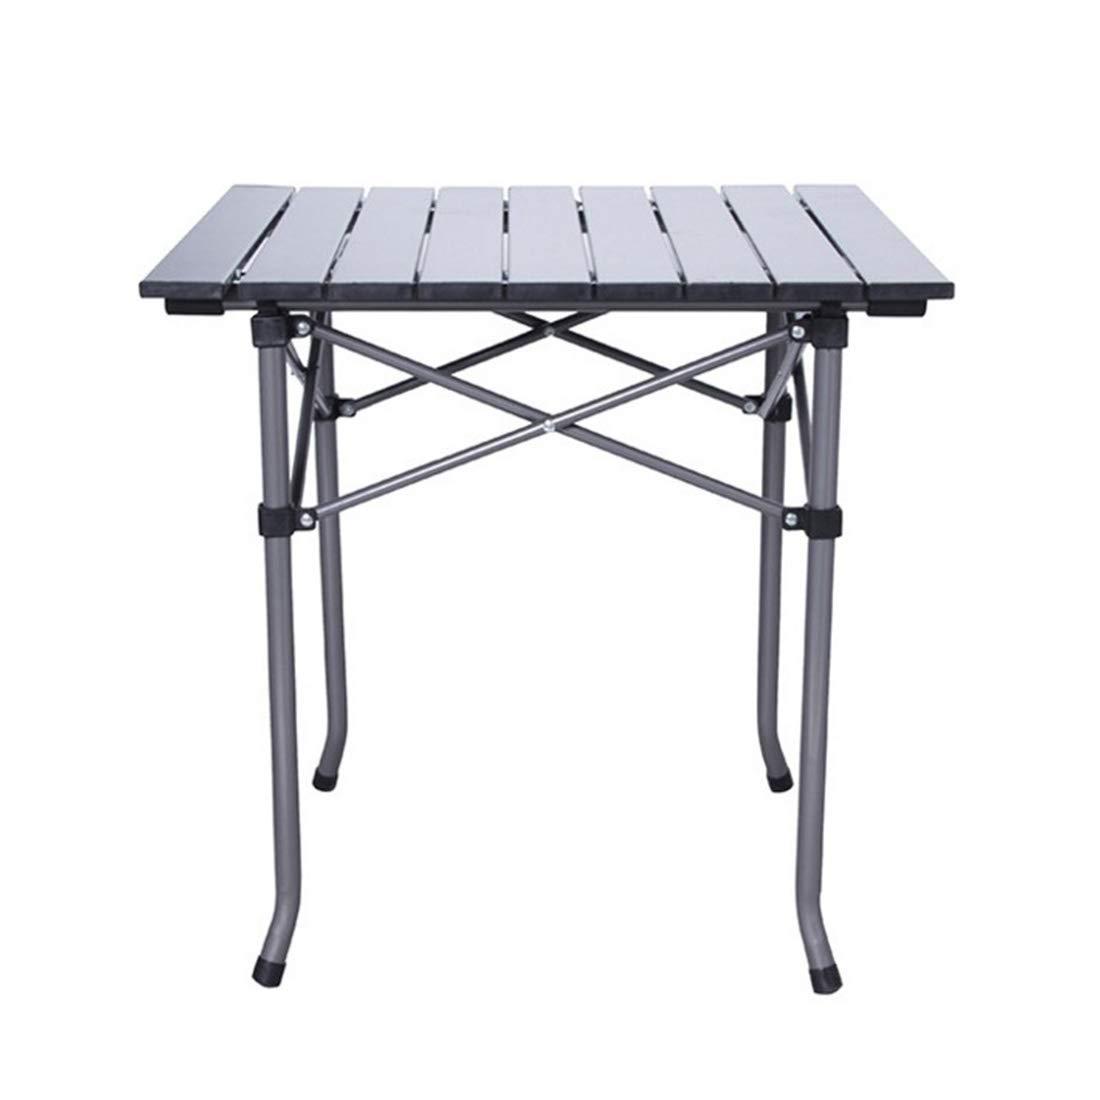 FUBULECY Outdoor Klapptisch und Stuhl Set Aluminium Strandstühle und fünf Sätze von tragbaren Speicher Grill Tisch und Stuhl Kombination Ausrüstung